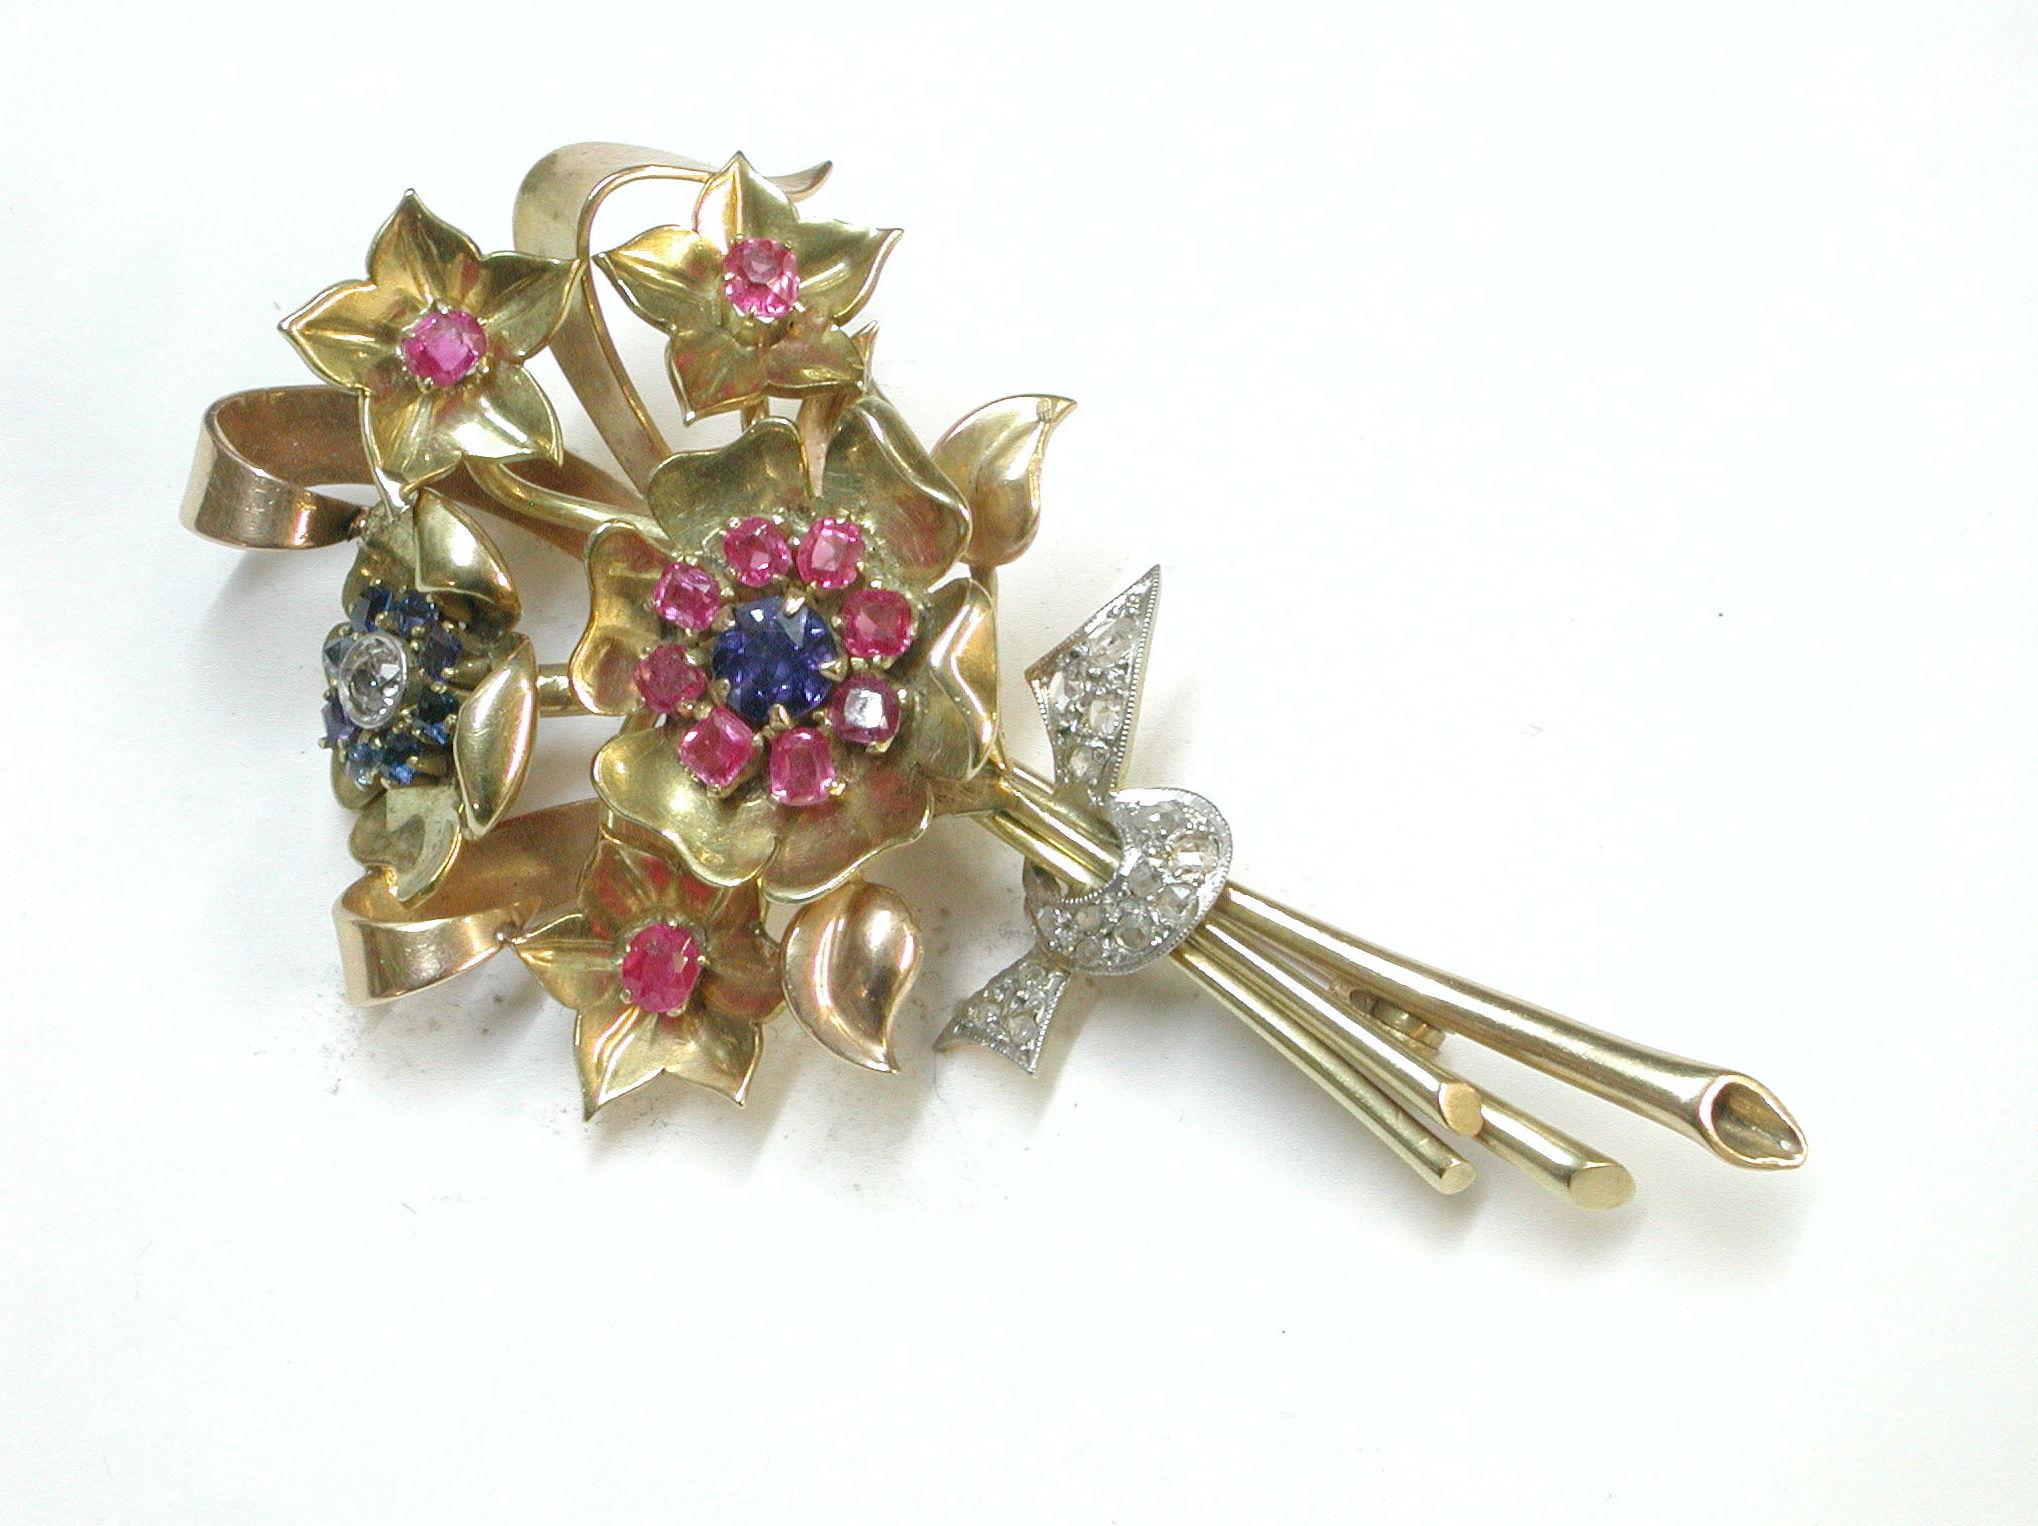 Broche bouquet de oro con diamantes, rubies y zafiros. Circa 1930.: Catálogo de Antigua Joyeros